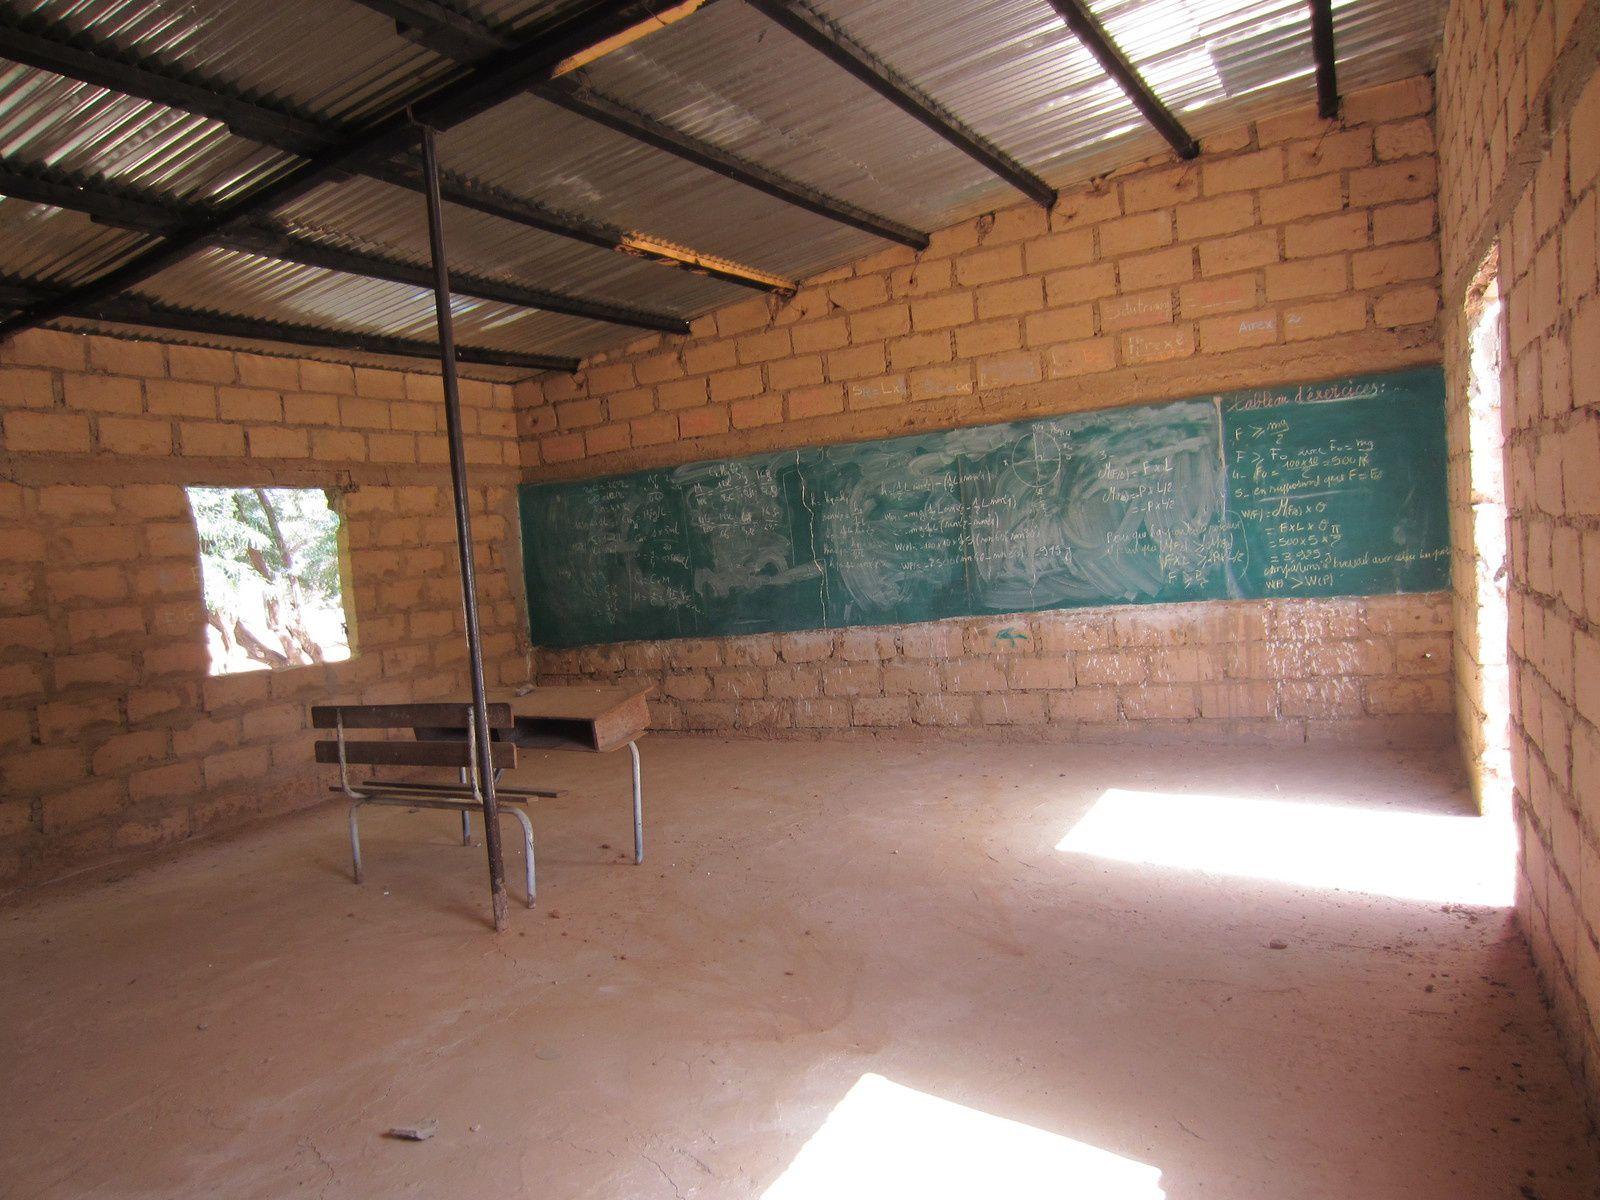 La dernière construction GSO Albi dans notre école du Sénégal. Le directeur (au téléphone hier) prépare les achats. Il espère beaucoup de nous. Les dons pour équiper au mieux cette école primaire sont toujours bienvenus.